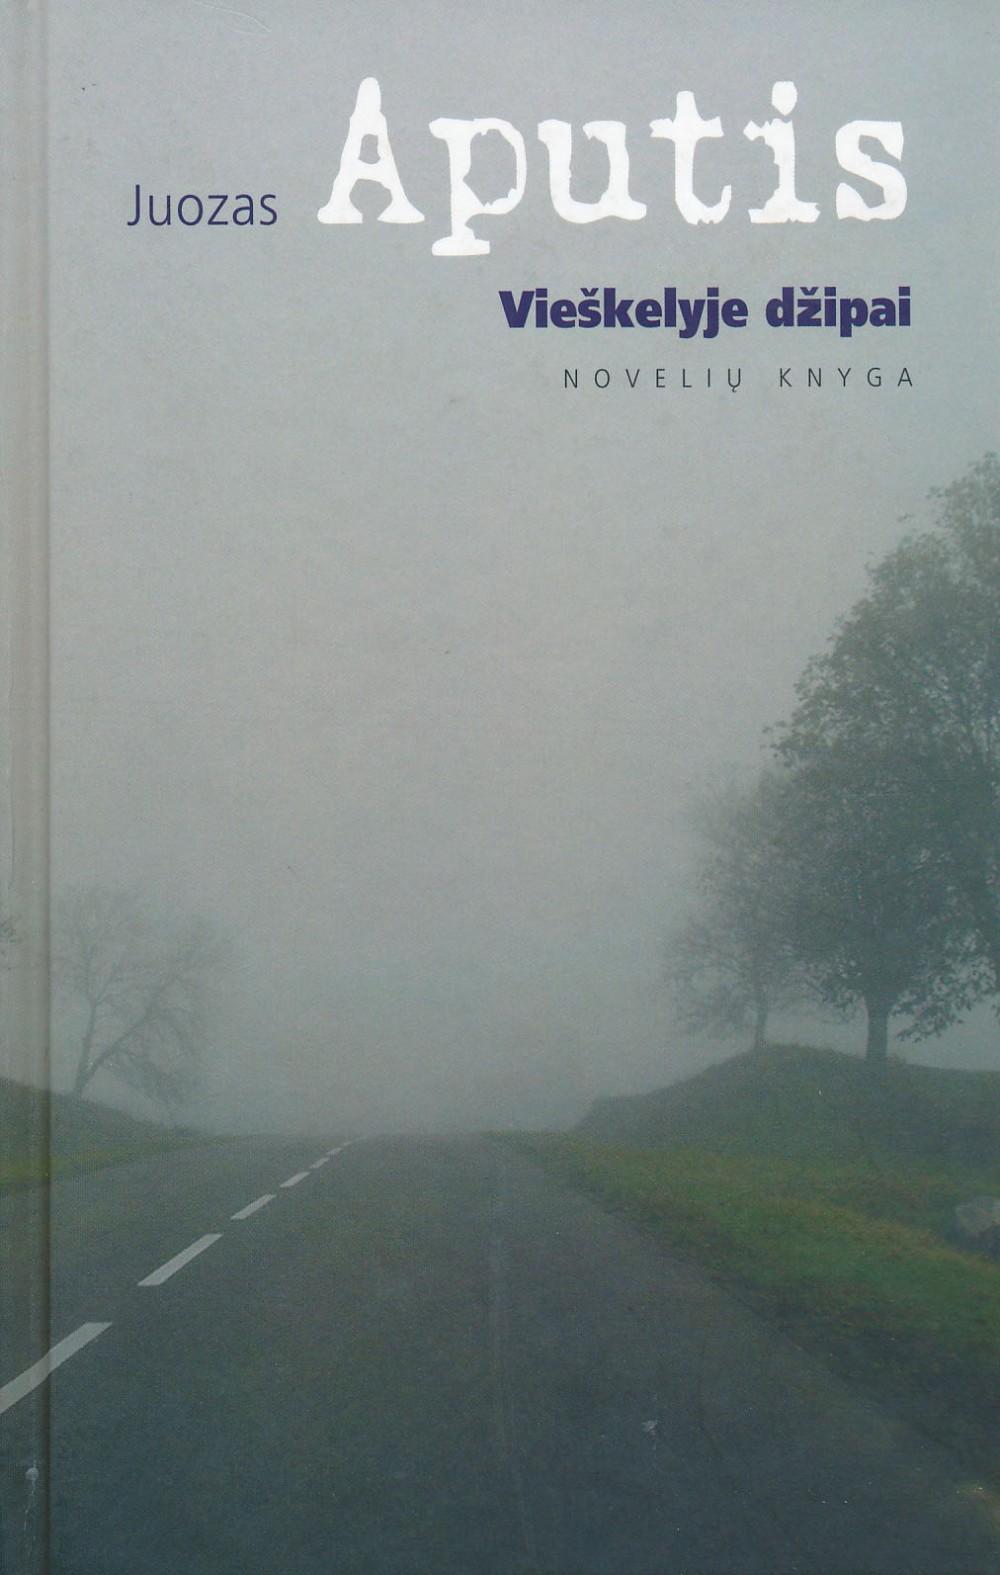 Už šią knygą J. Aputis buvo įvertintas 2005 m. Lietuvos Nacionaline kultūros ir meno premija